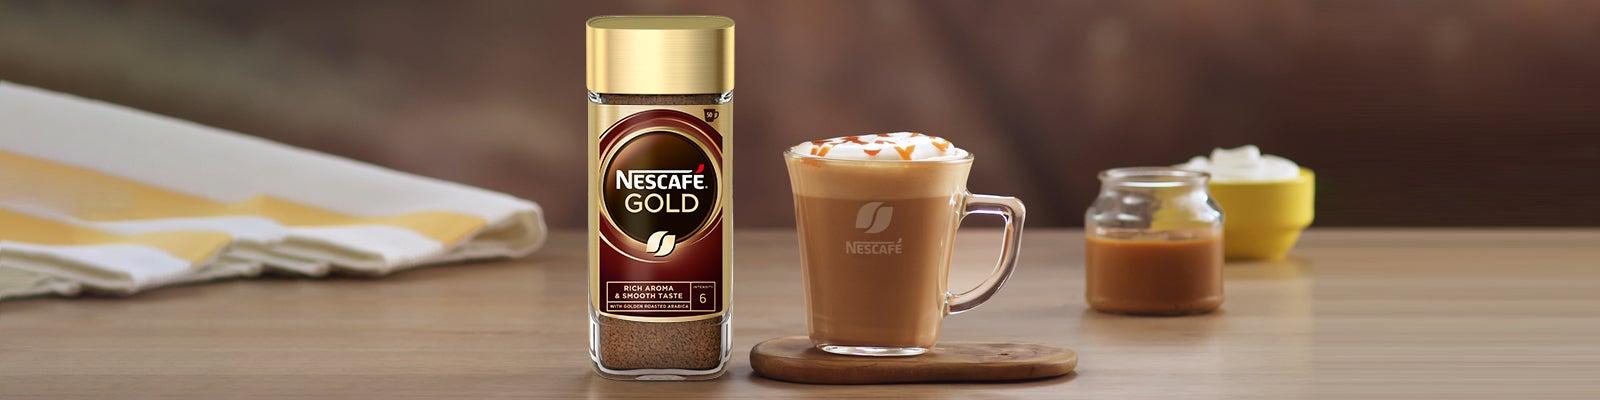 Nescafe_Recipes